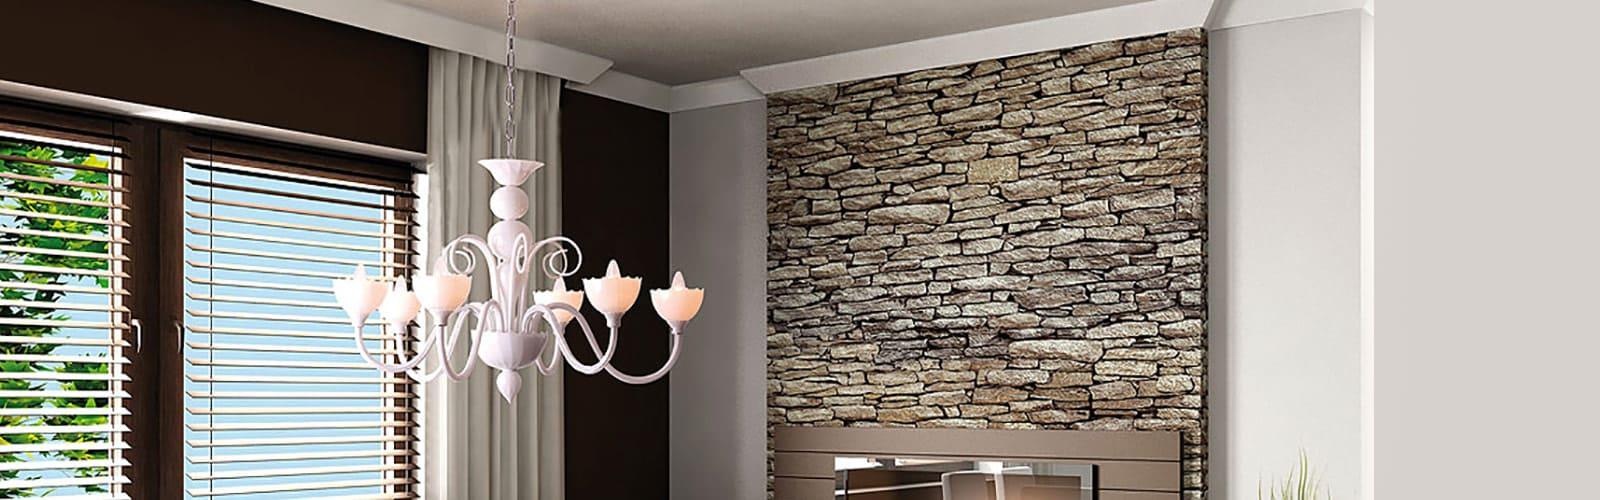 Cangini & Tucci illuminazione lampadari lumi applique sospensioni vetro di Murano arredamento